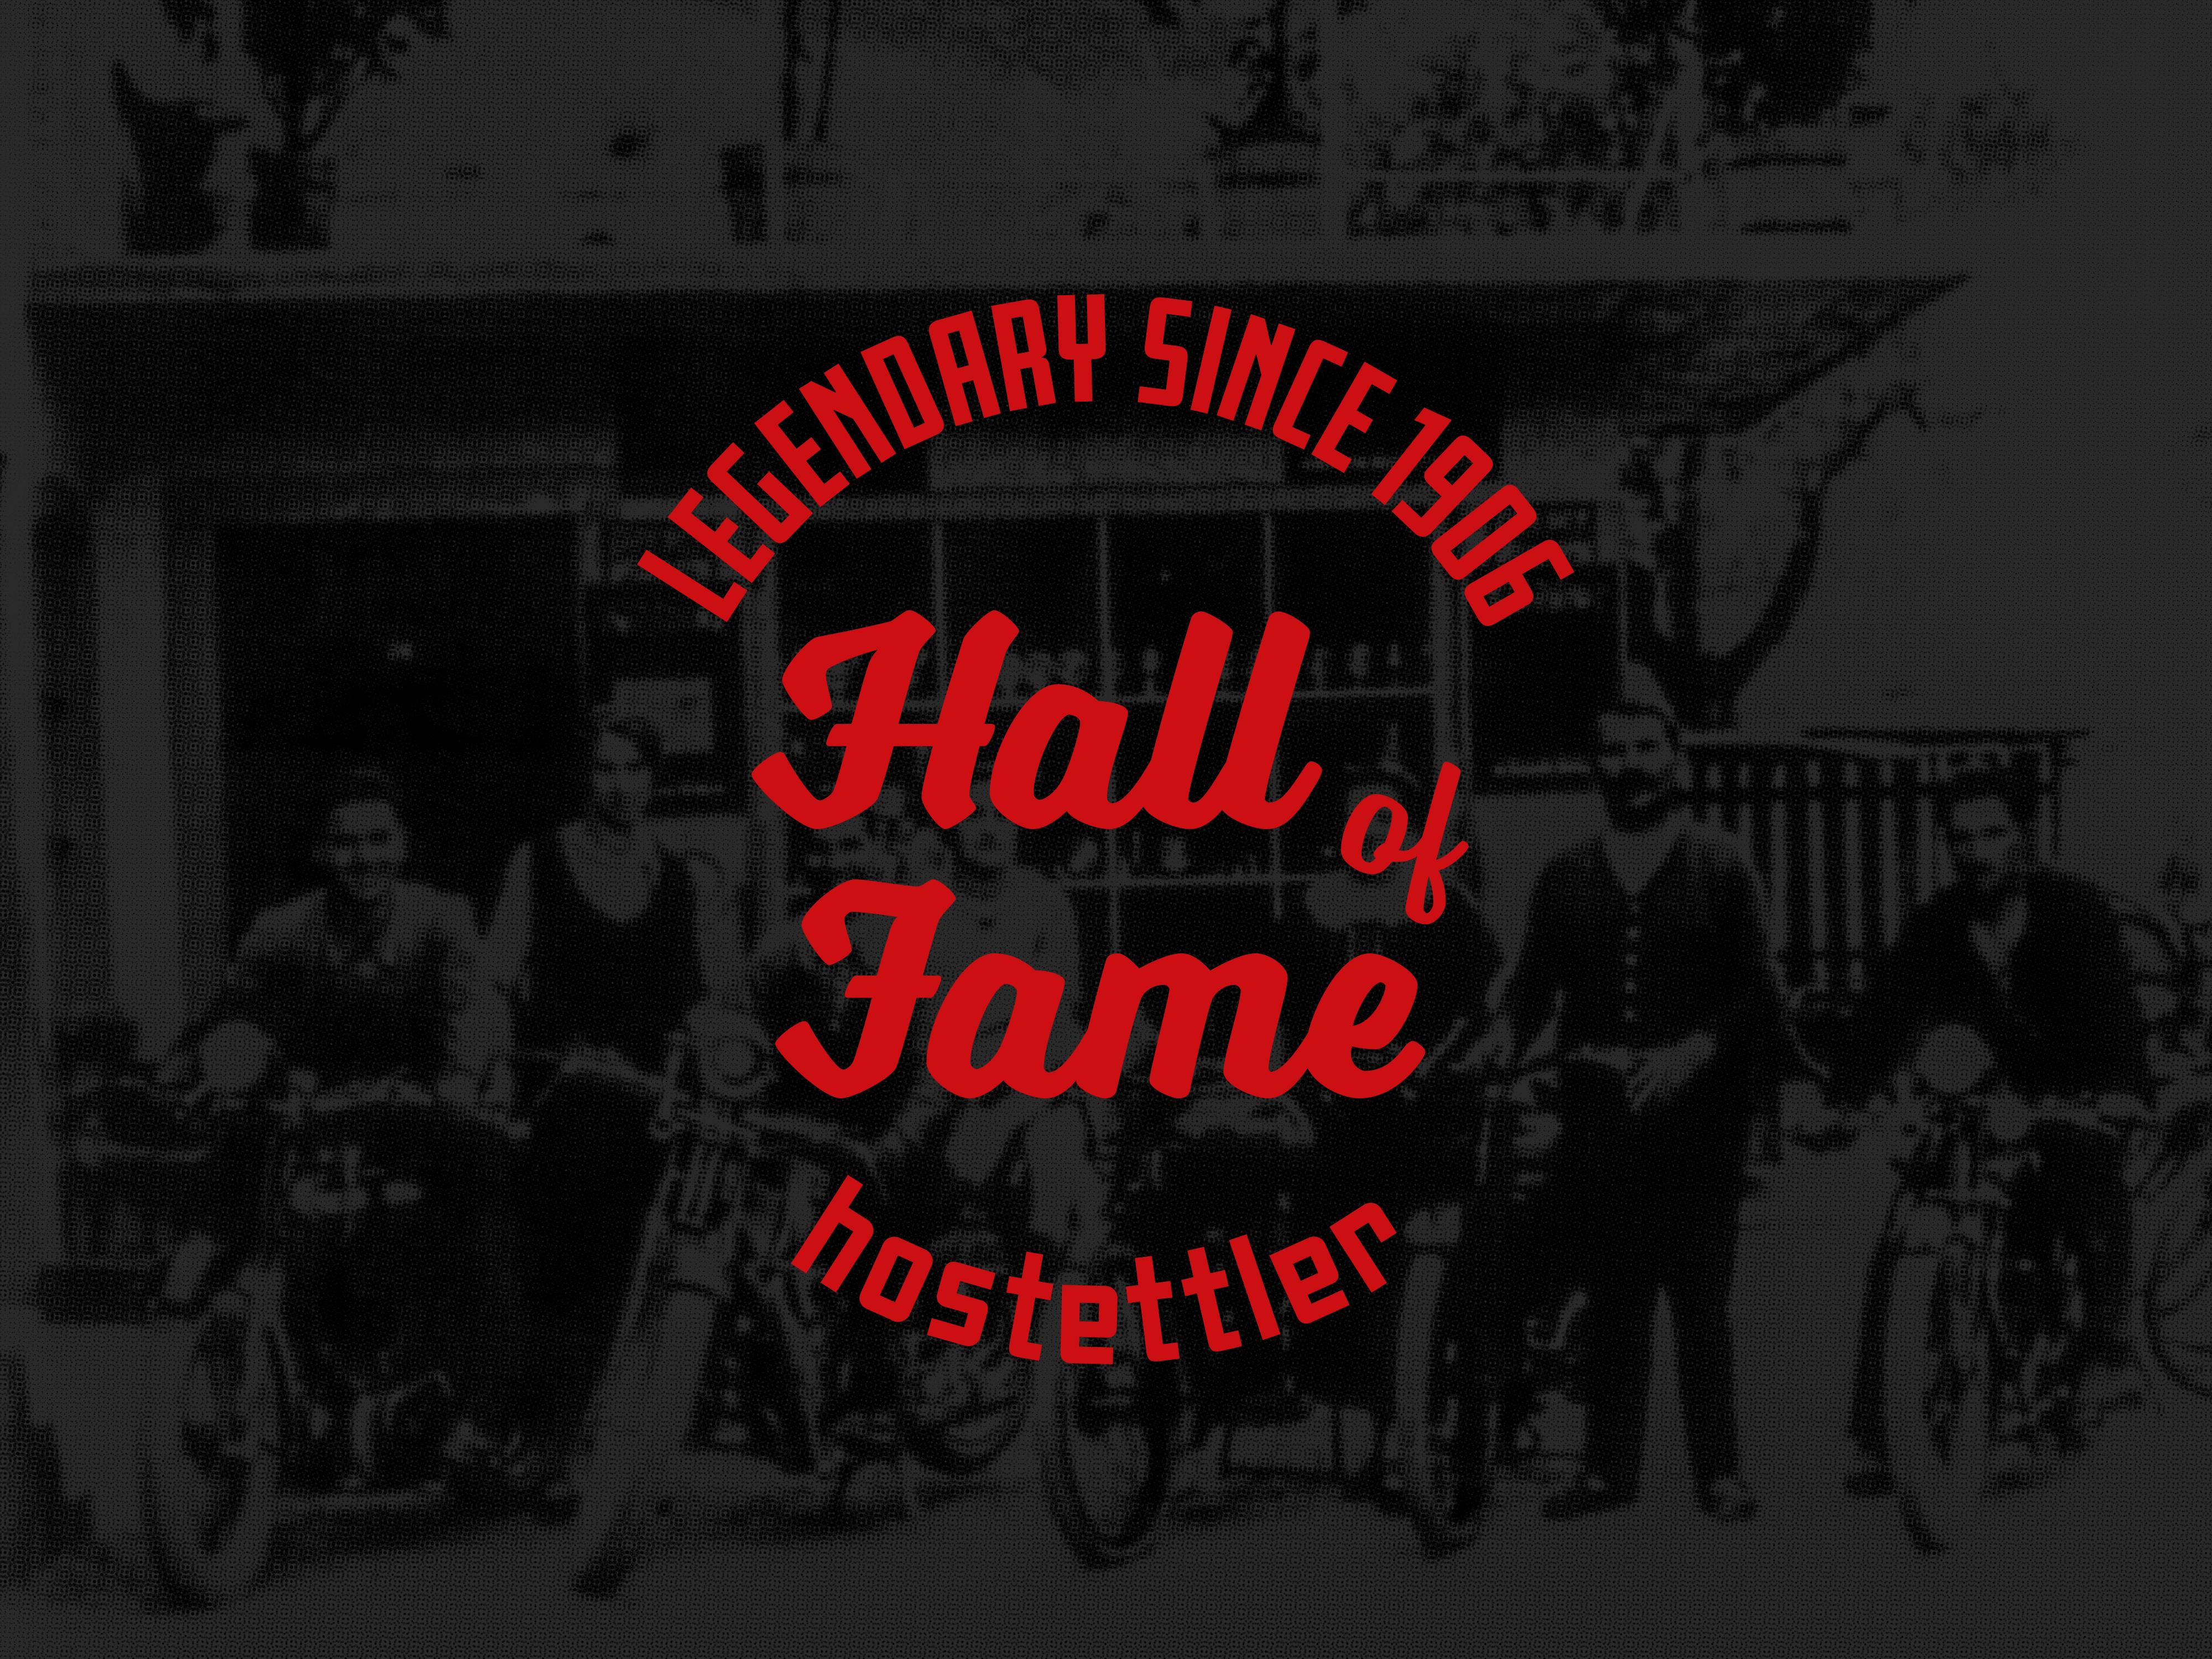 Hostettler Hall of Fame Logodesign